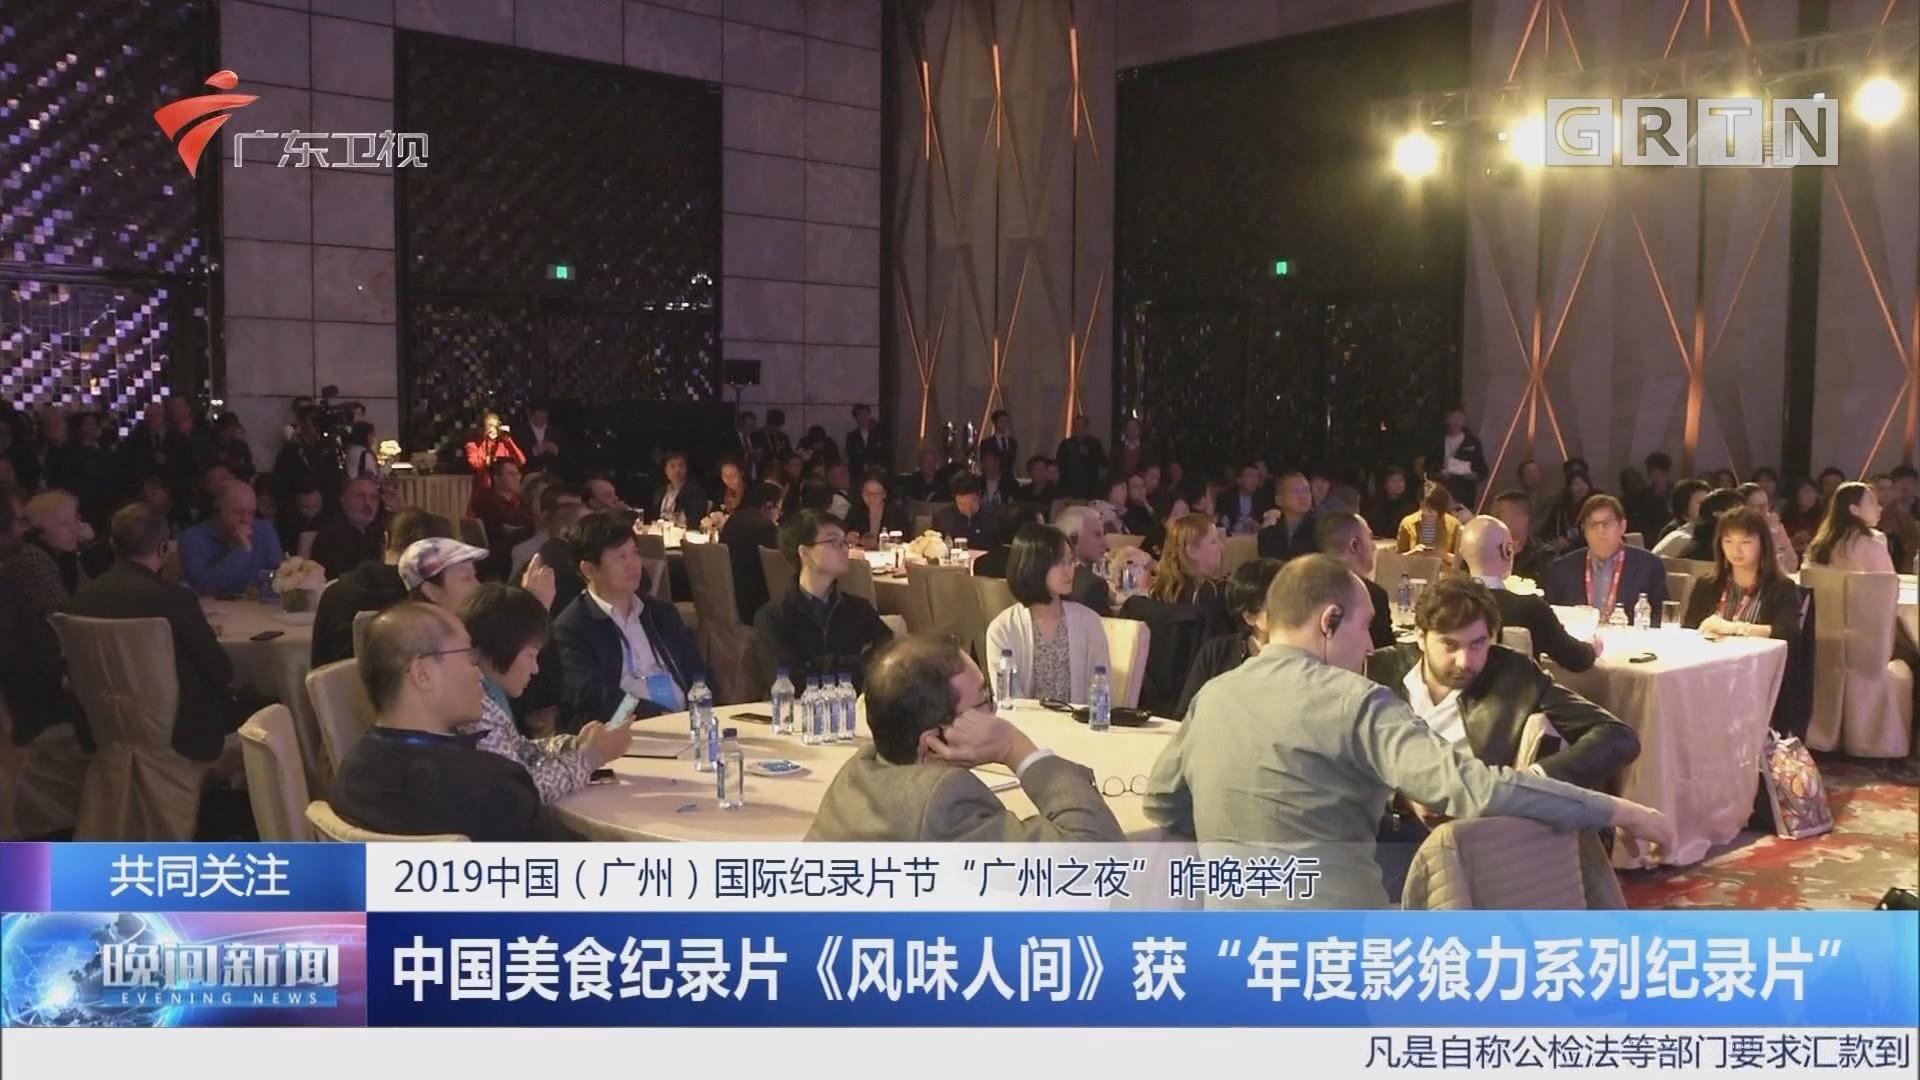 """2019中国(广州)国际纪录片节""""广州之夜""""昨晚举行 中国美食纪录片《风味人间》获""""年度影飨力系列纪录片"""""""